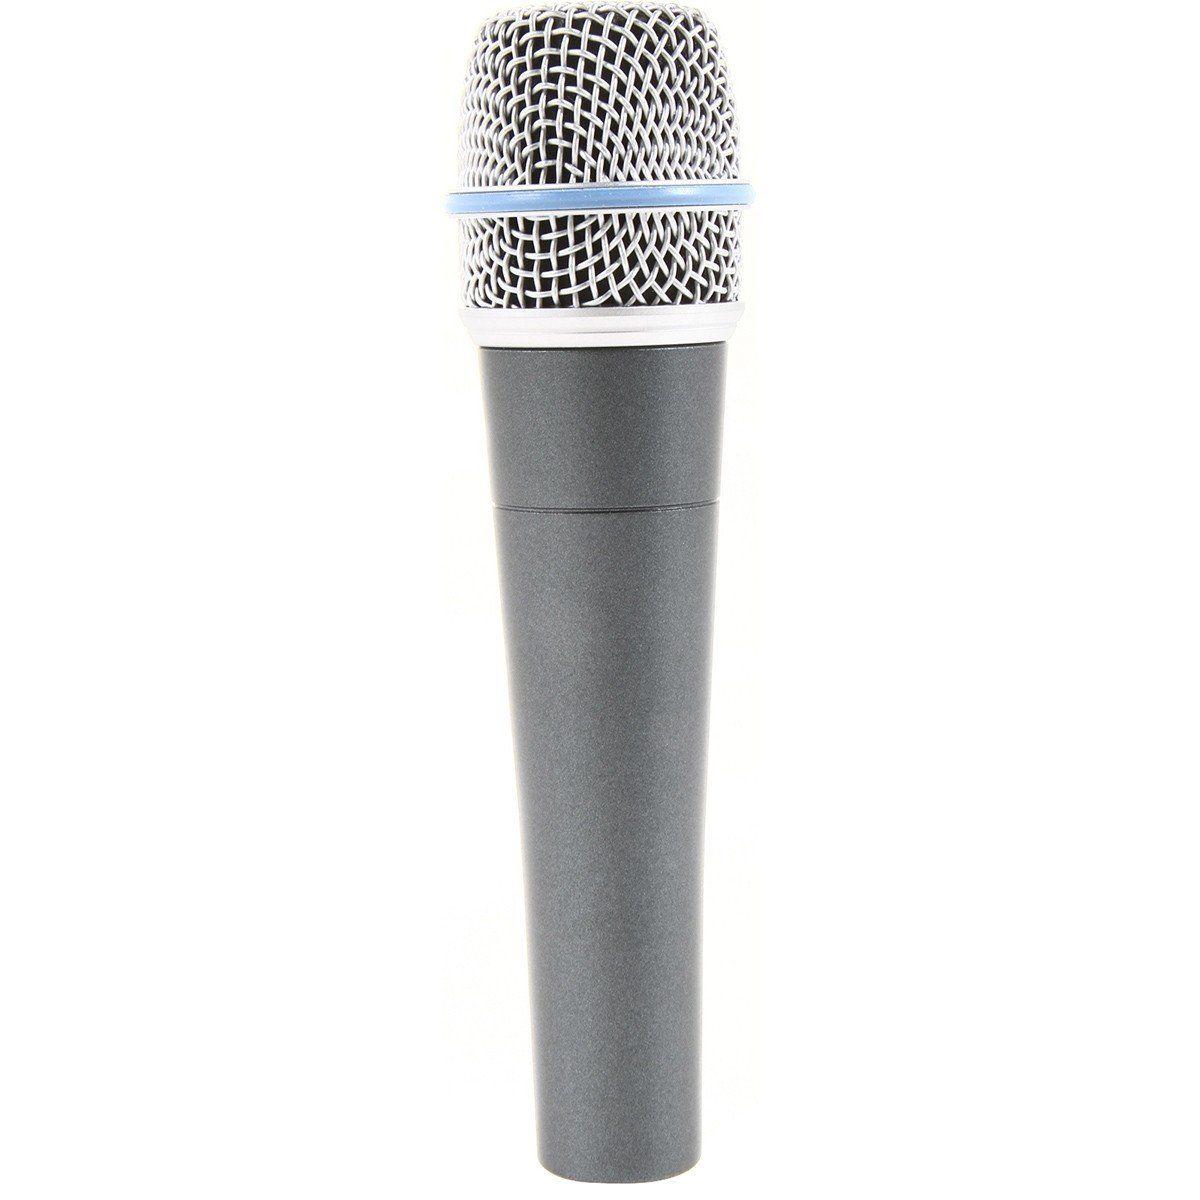 Shure Beta 57A Microfone Shure Beta 57 A para Instrumentos Acústicos e Vocais